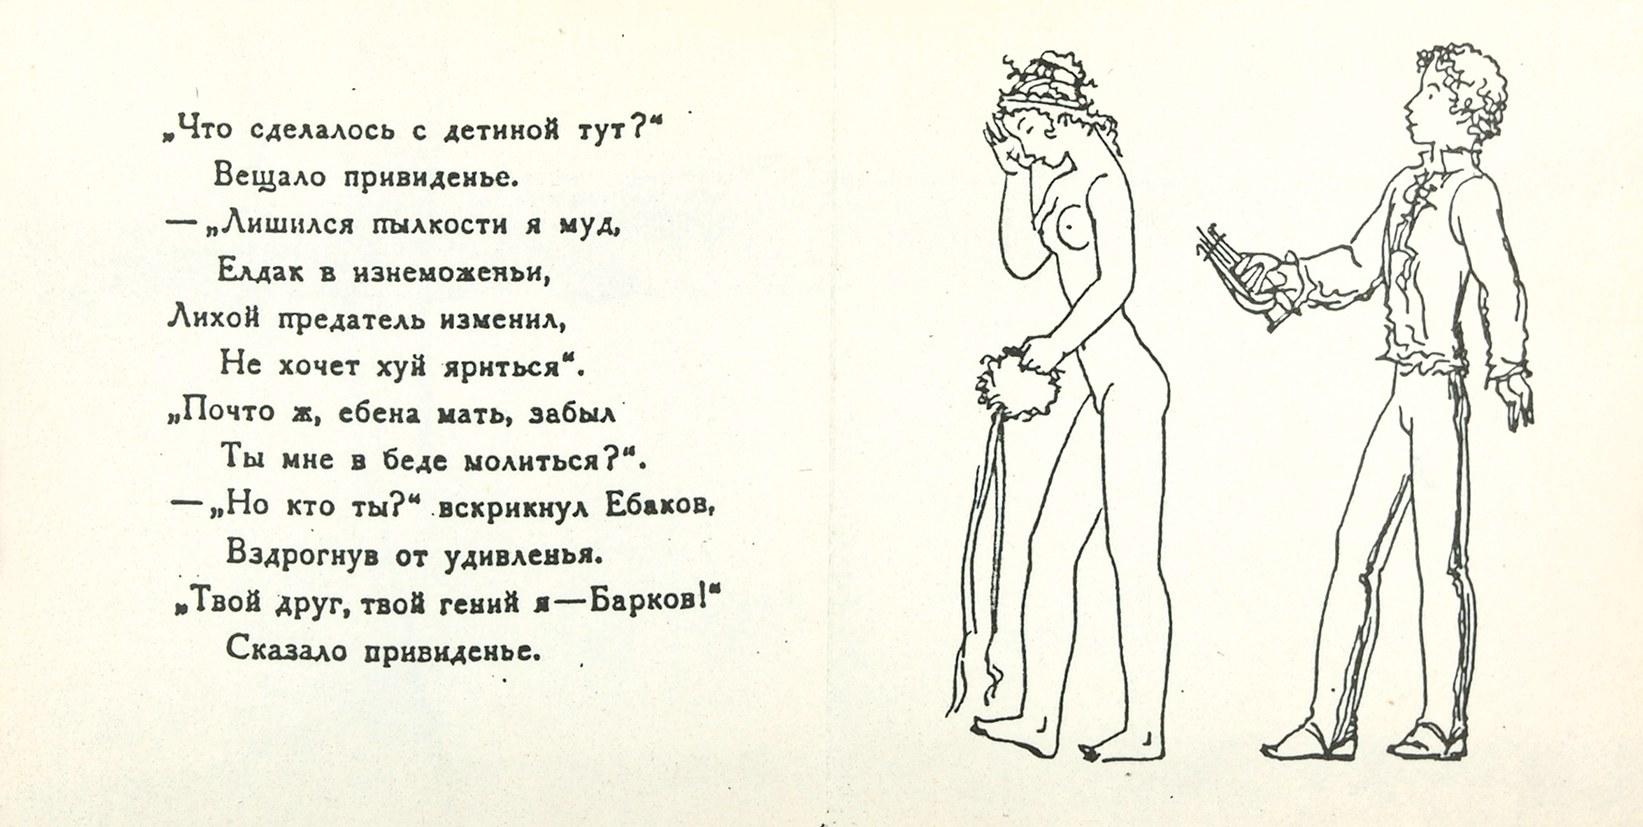 кутавичюте стихи маты обращенные мужу потолки гипсокартона спальне